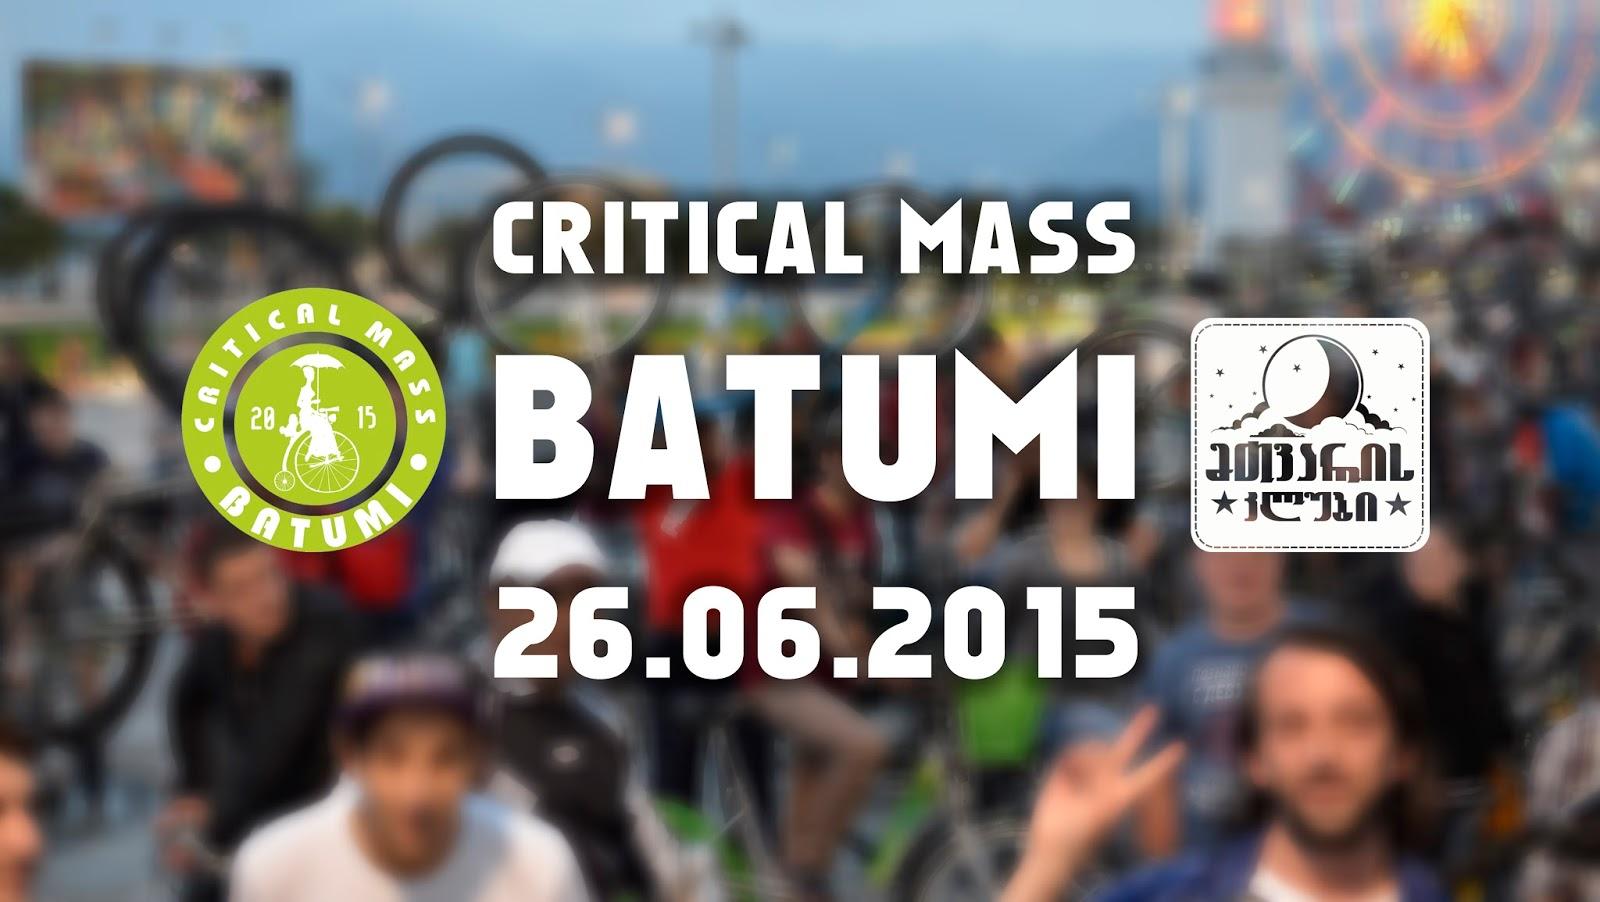 CRITICAL MASS BATUMI 26.06.2015